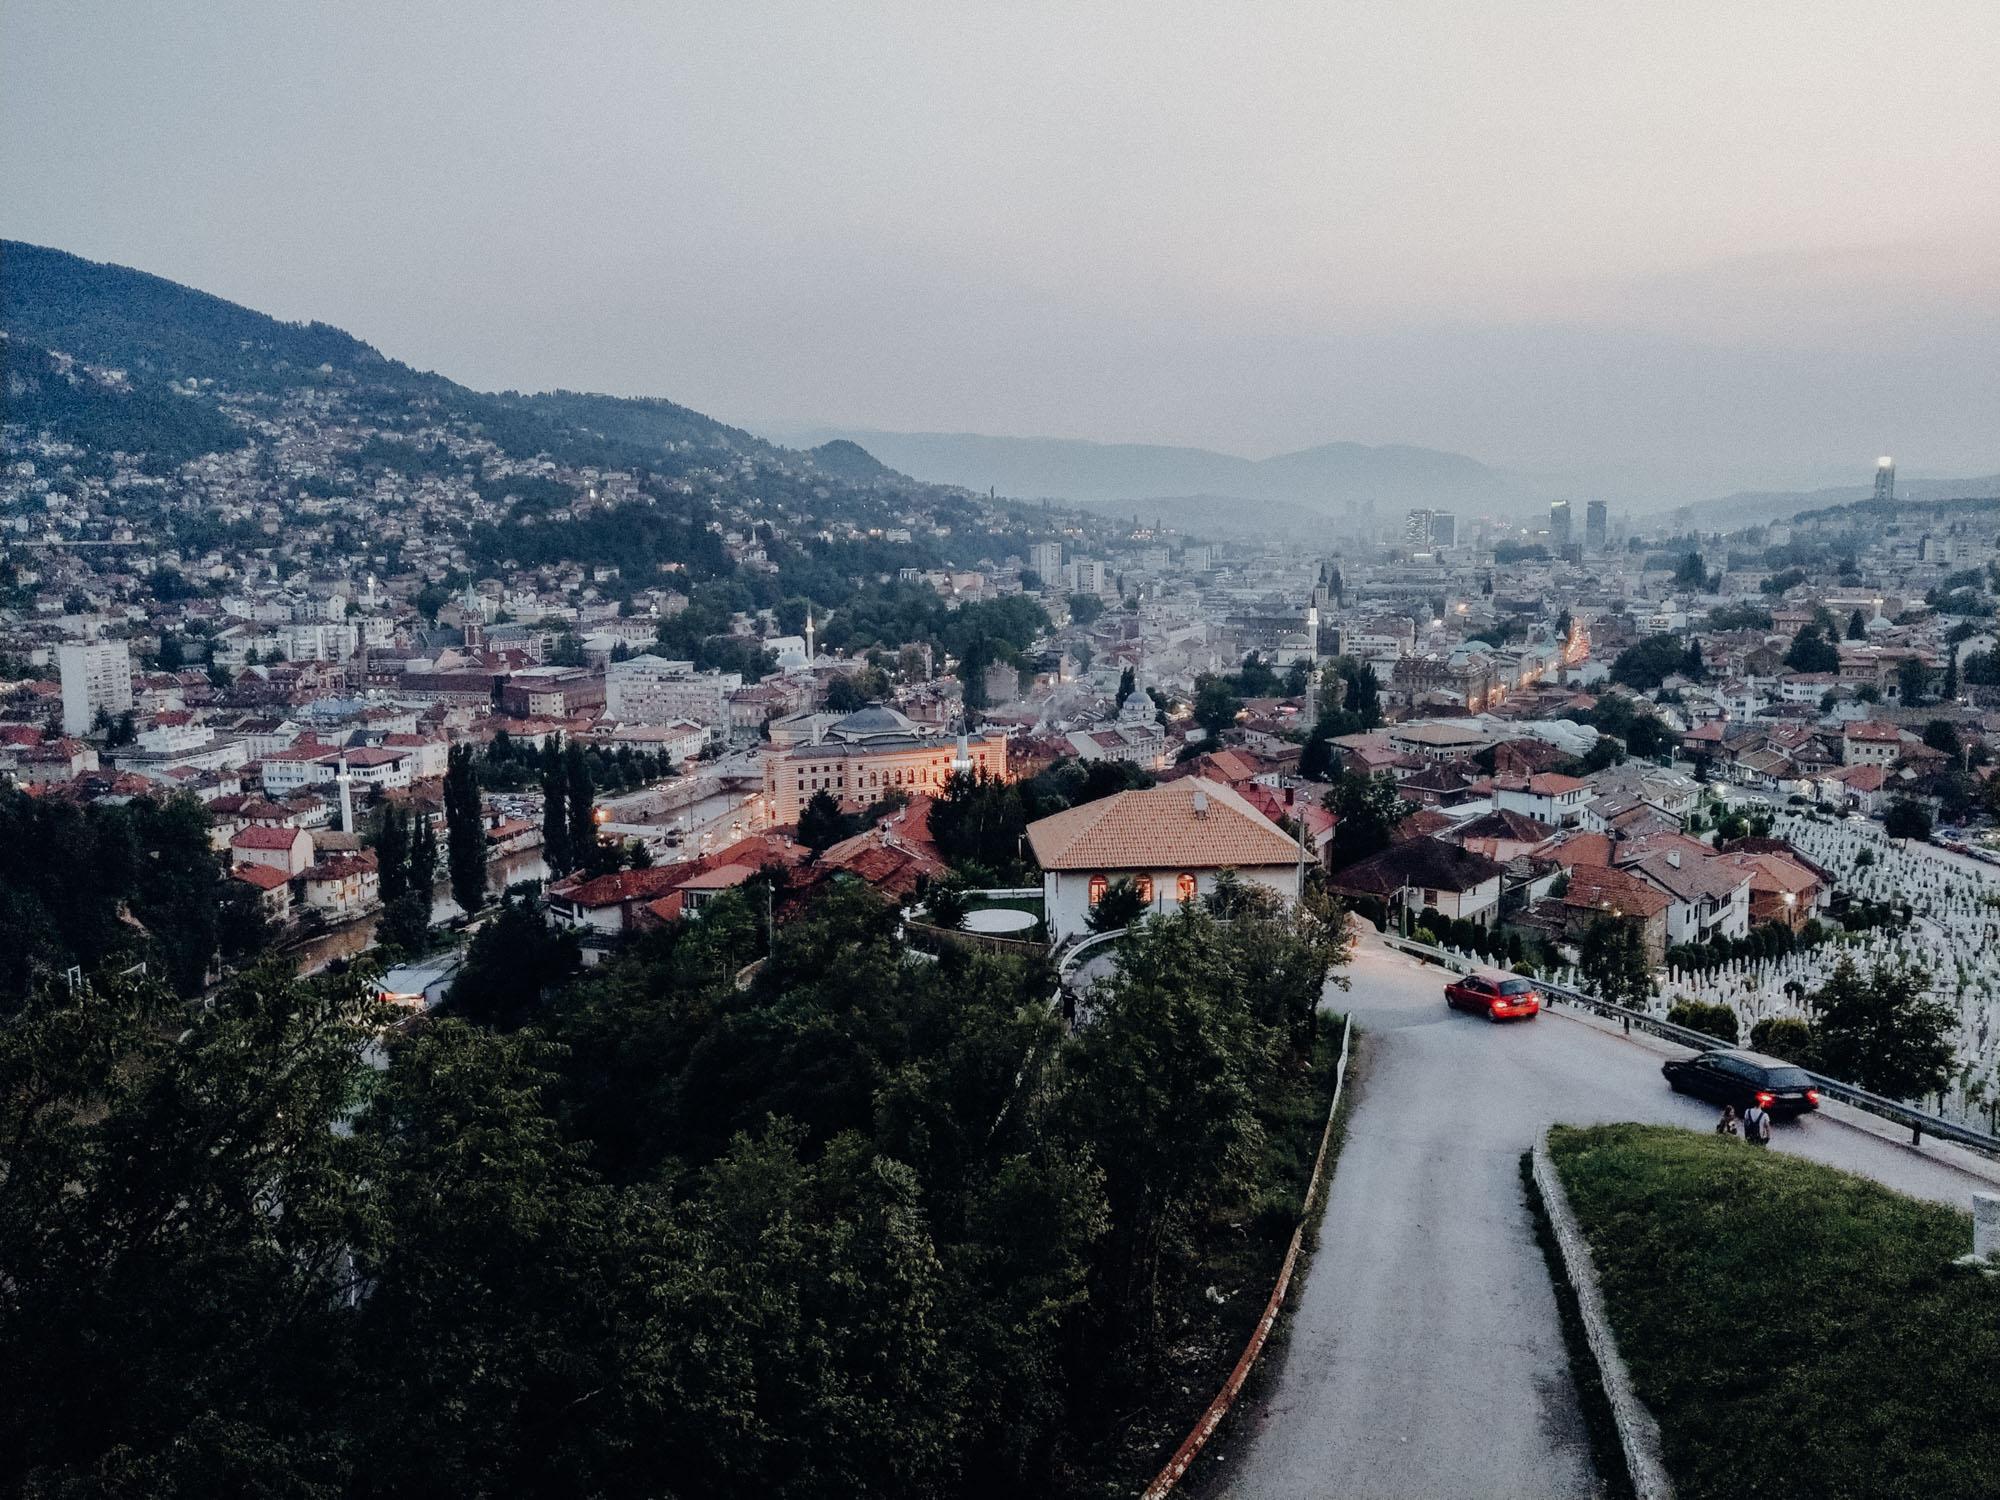 Blick von der gelben Bastion: Sarajevo bei Nacht in Bosnien und Herzegovina. Roadtrip Balkan